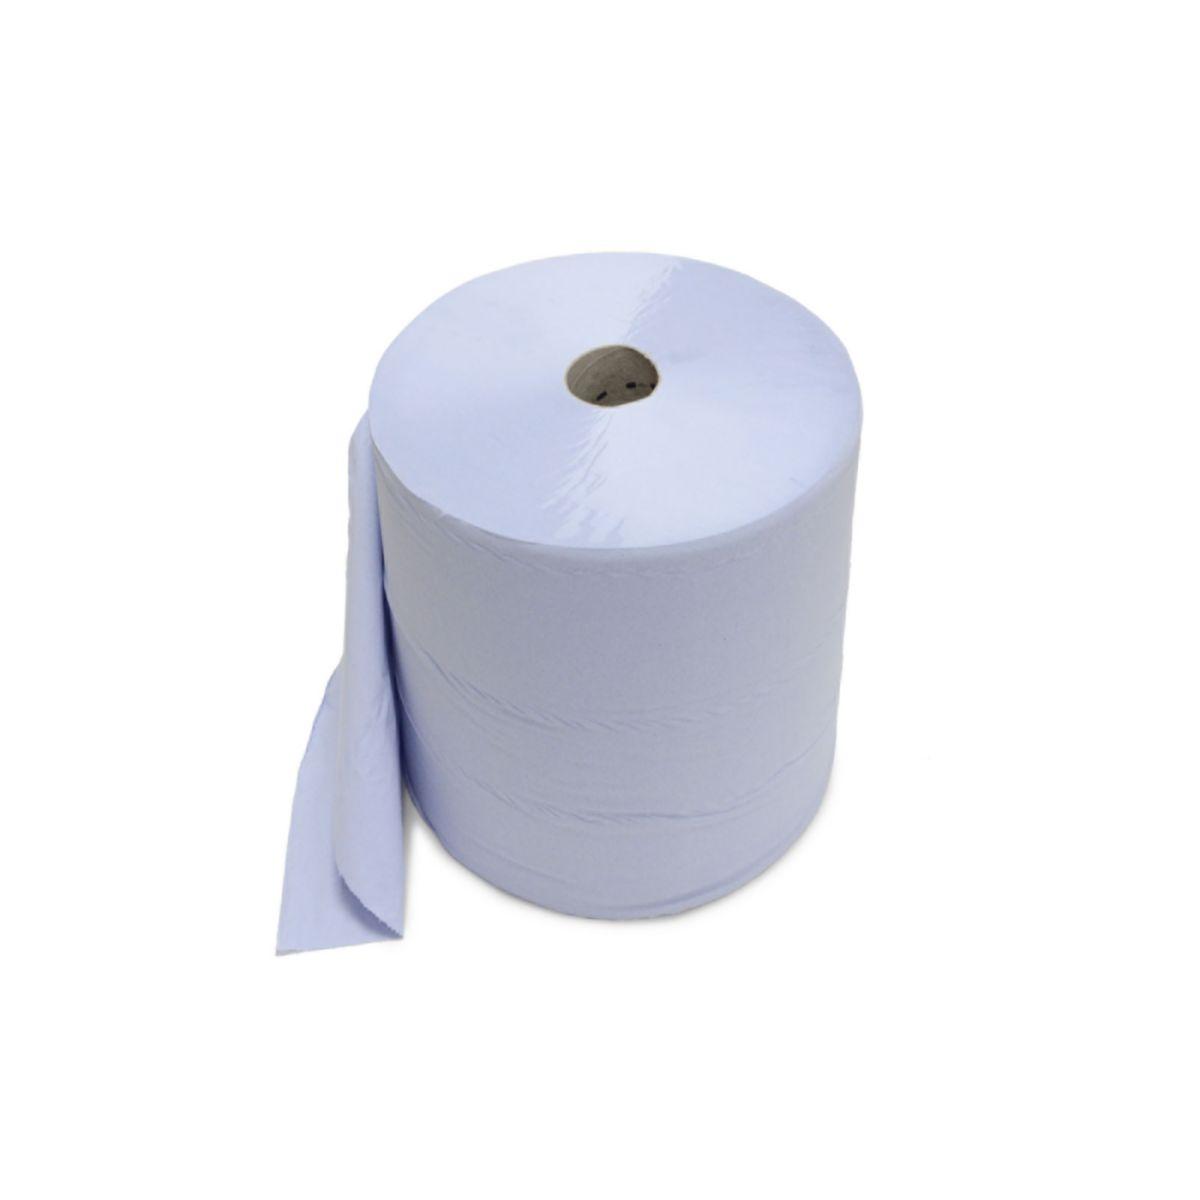 Blue Wipe Paper